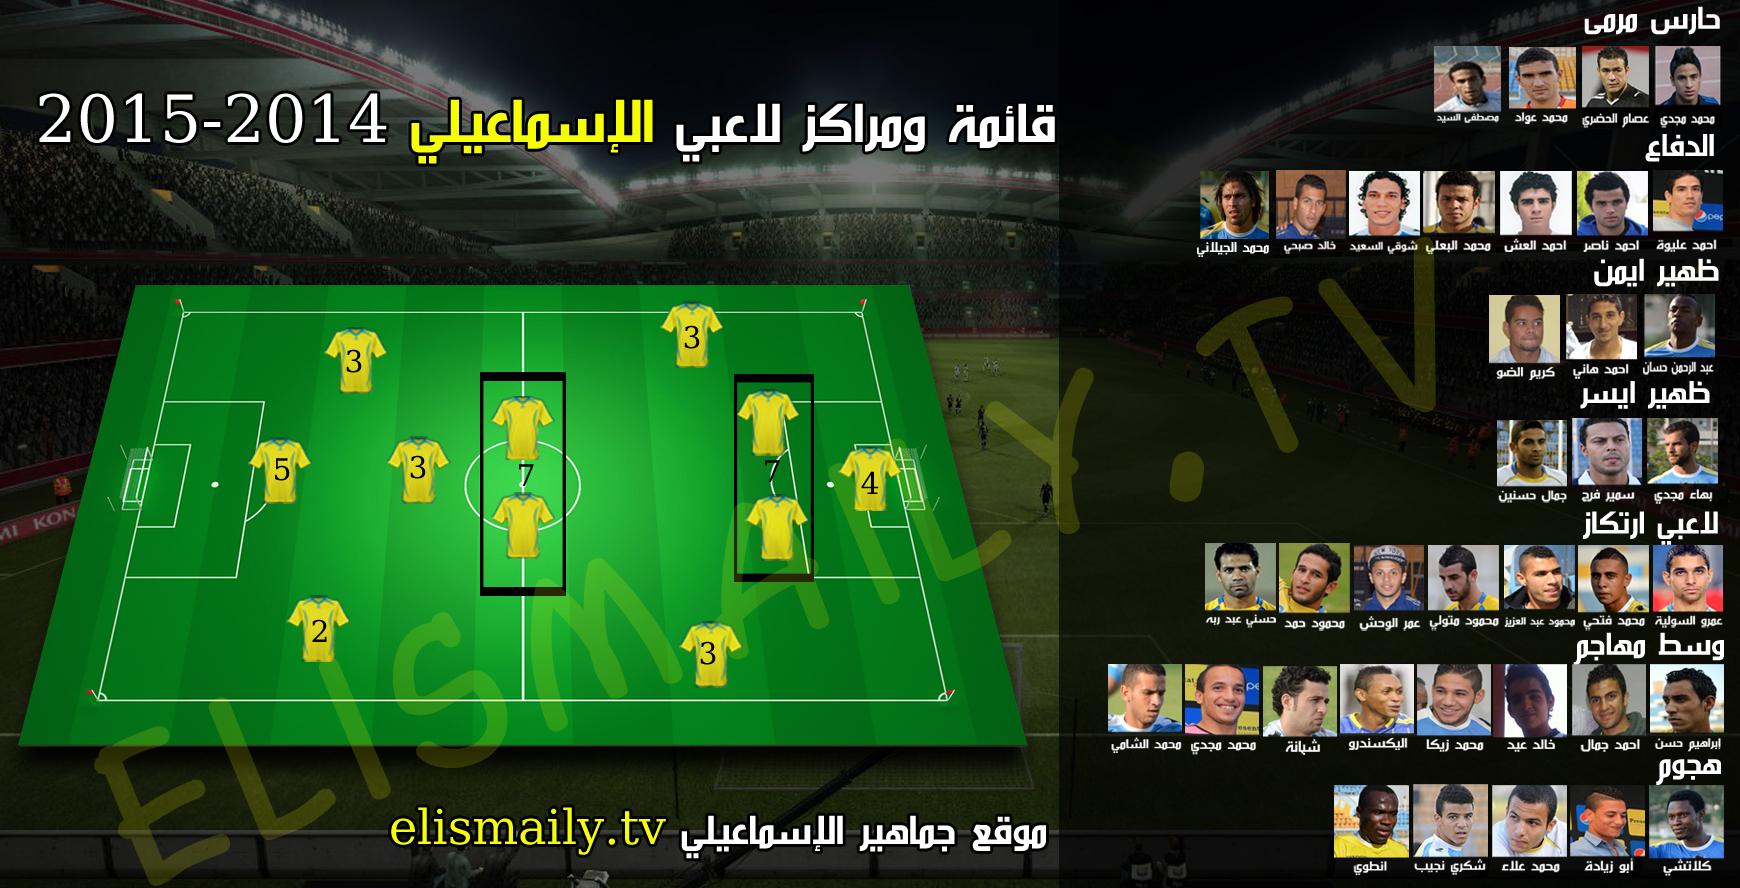 Football Field 3D View 1